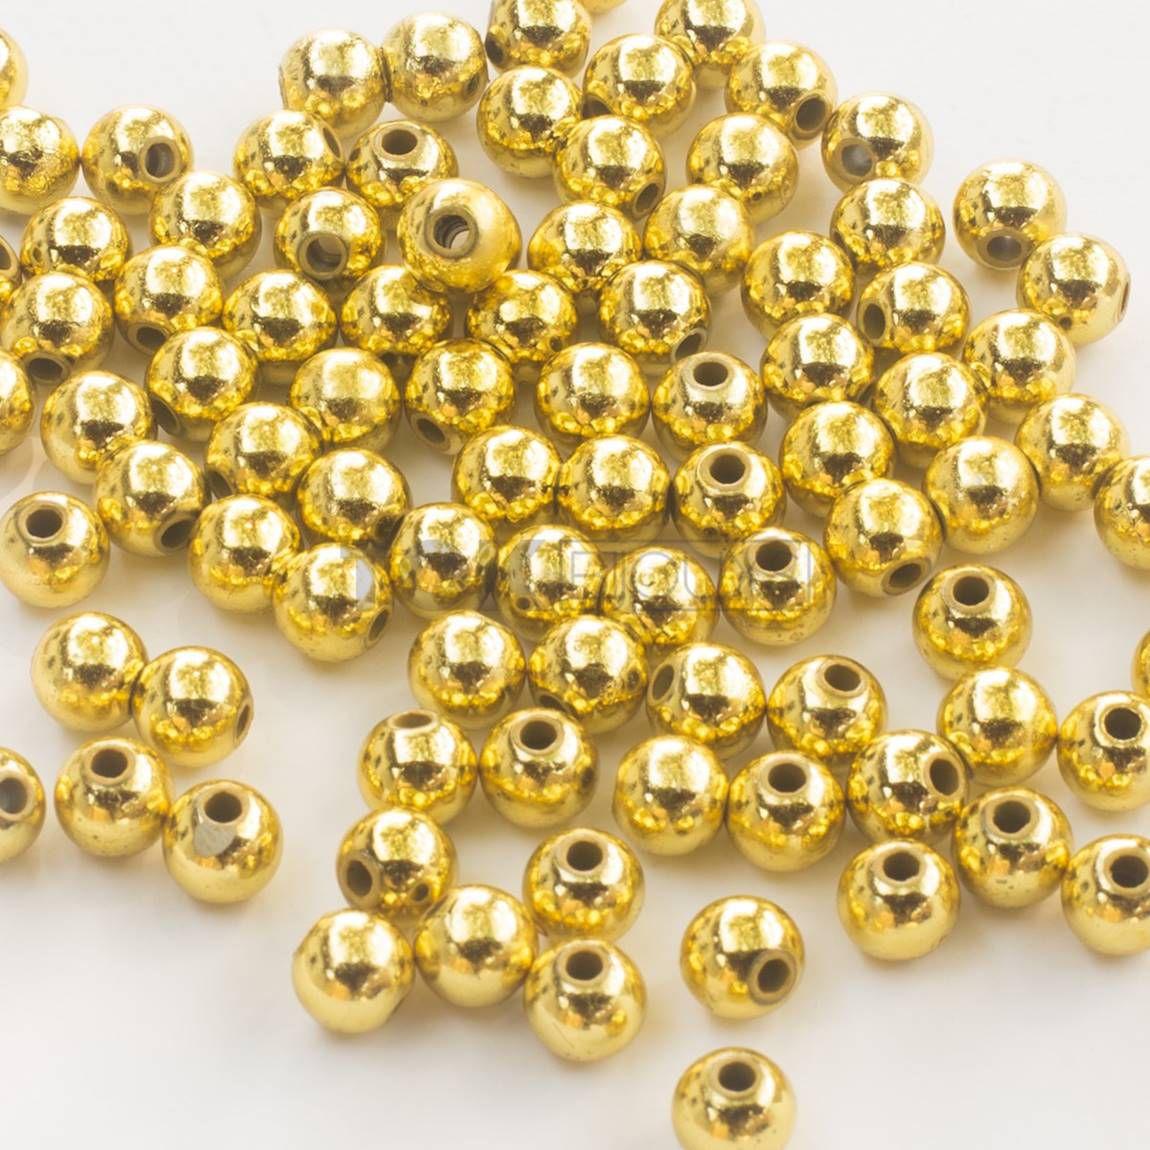 Pérola Redonda Abs 12mm - Dourado - 25g